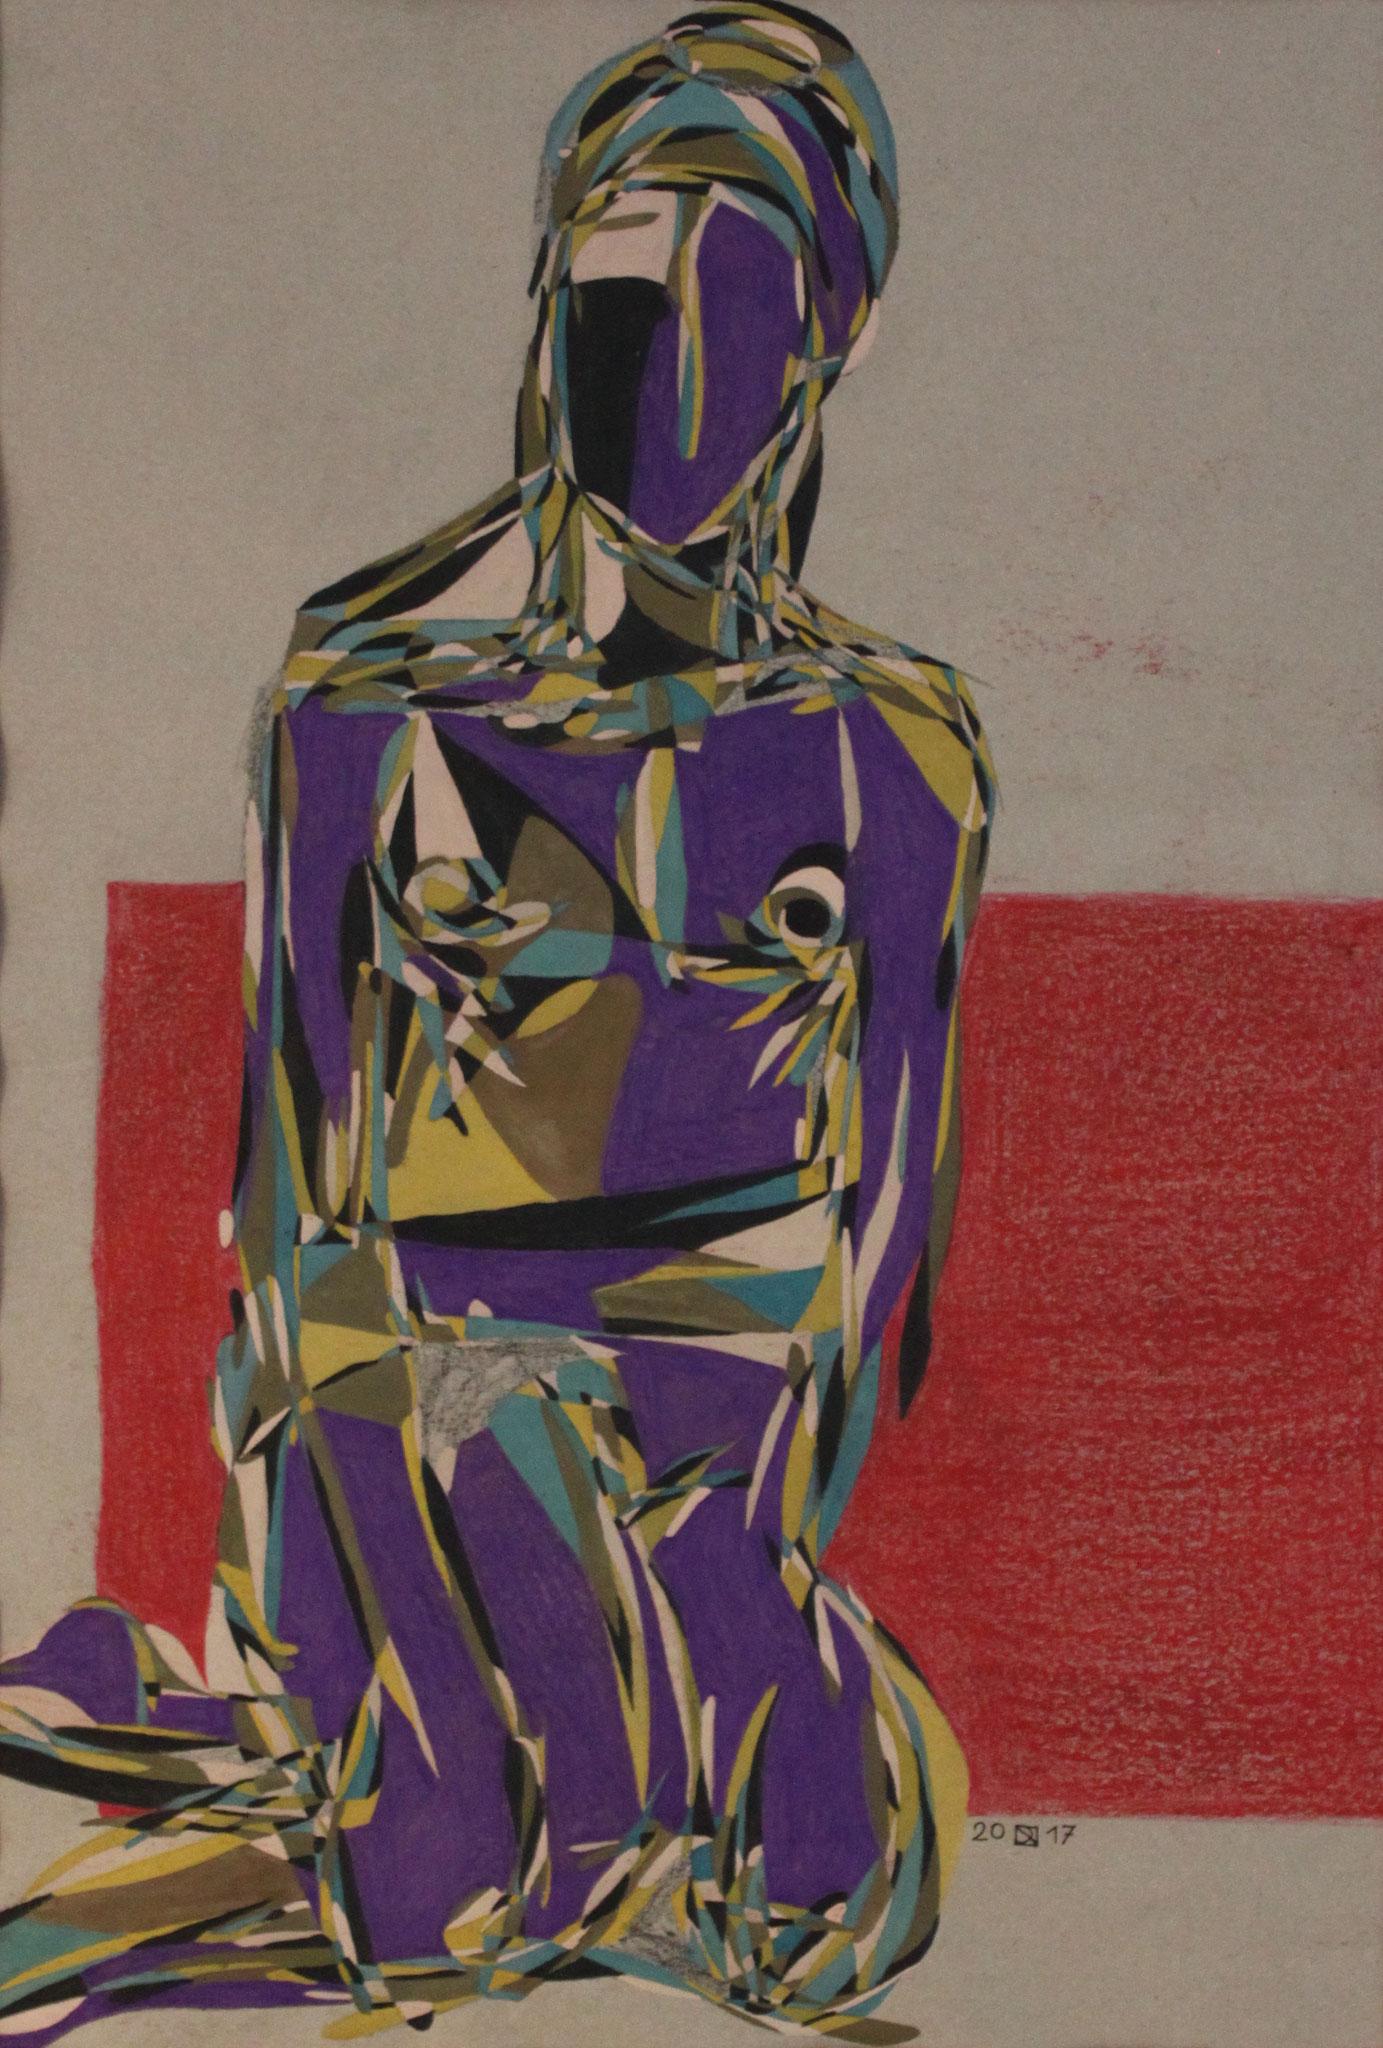 Mädchen mit Turban,  Aquarell und Buntstift auf Papier, 2017, 59 cm x 42 cm